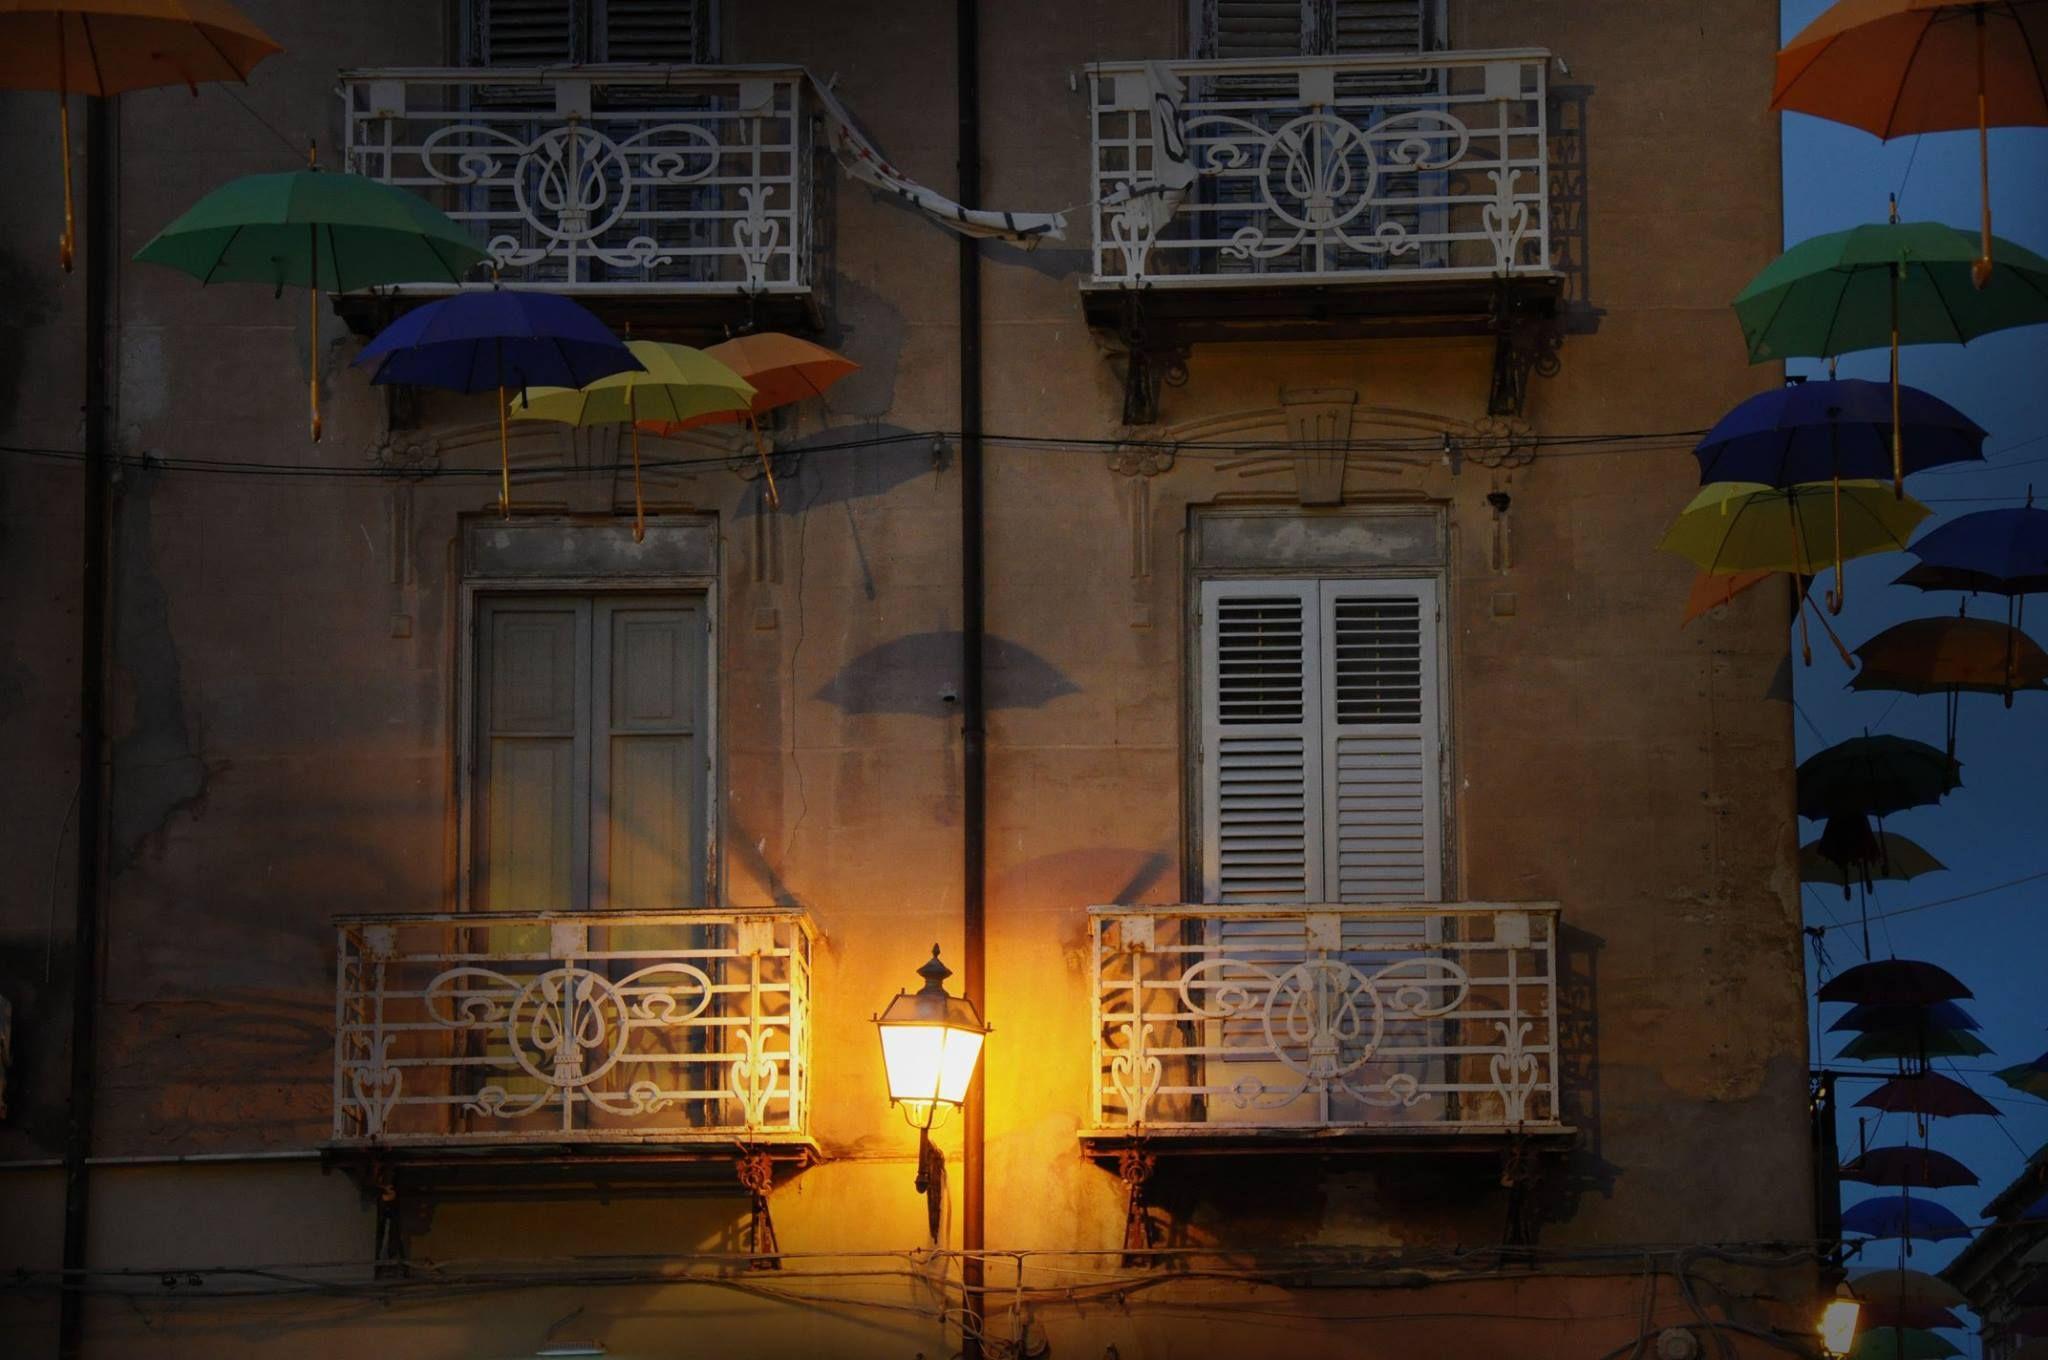 Licata: centro storico! #Licata #photography #vicoli #city #architechture #colour #ombrellini #fotografia #nikon #summer